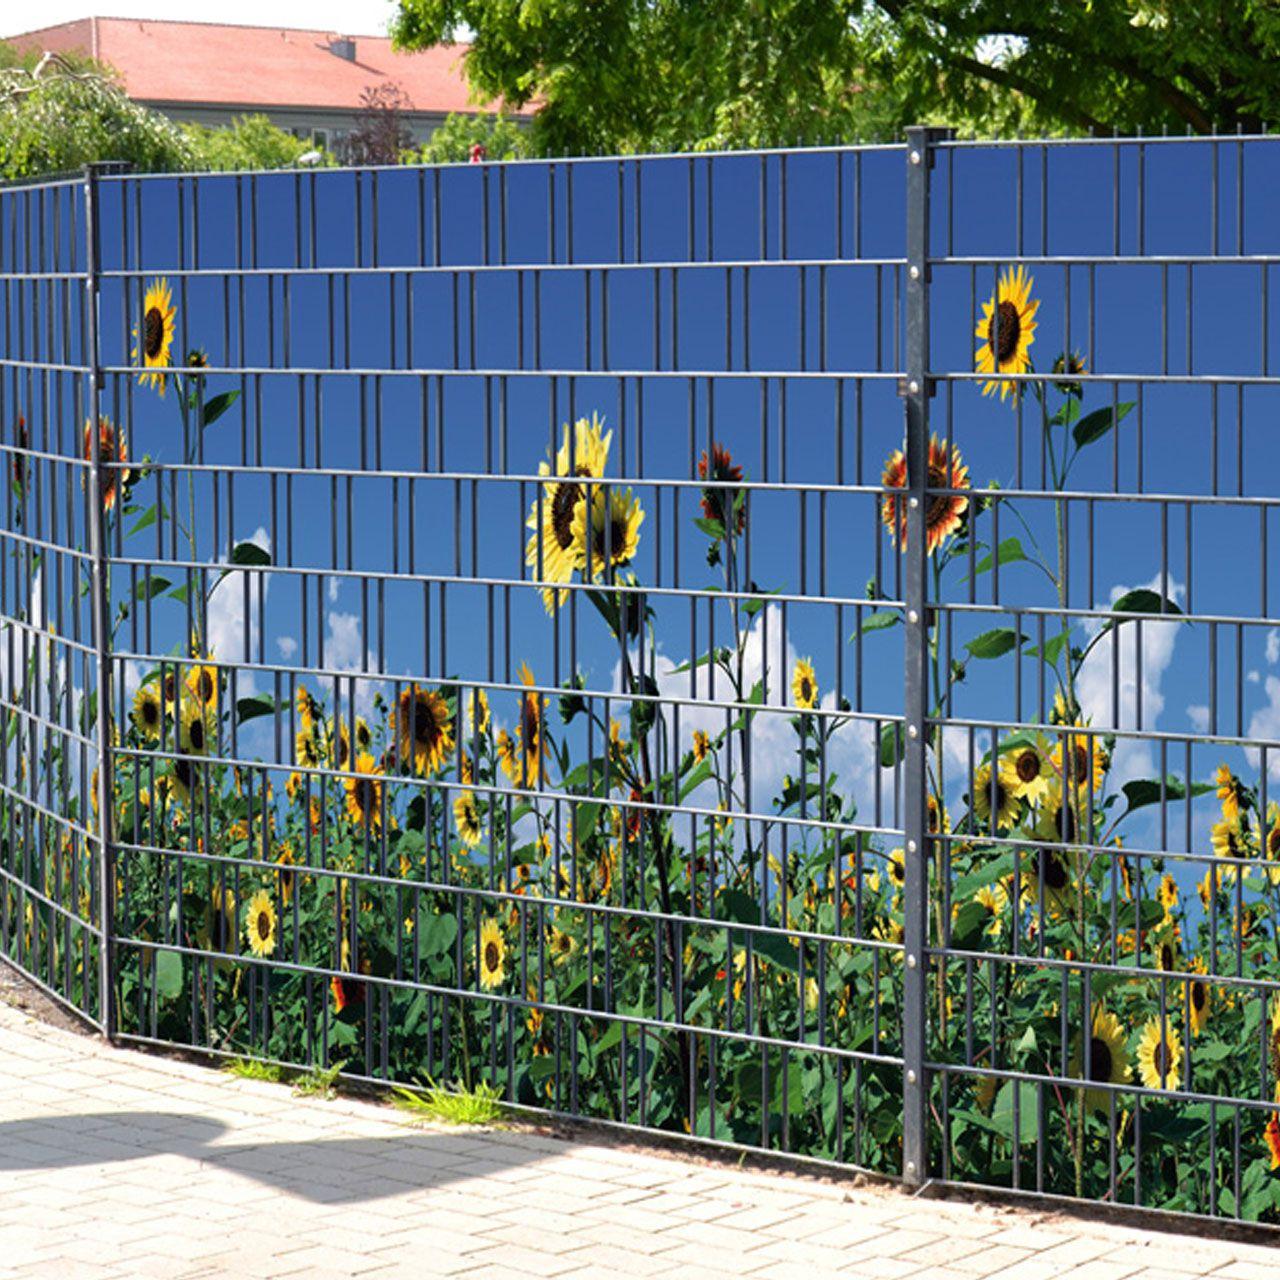 Sichtschutzstreifen bedruckt Motiv Sonnenblumen gelb